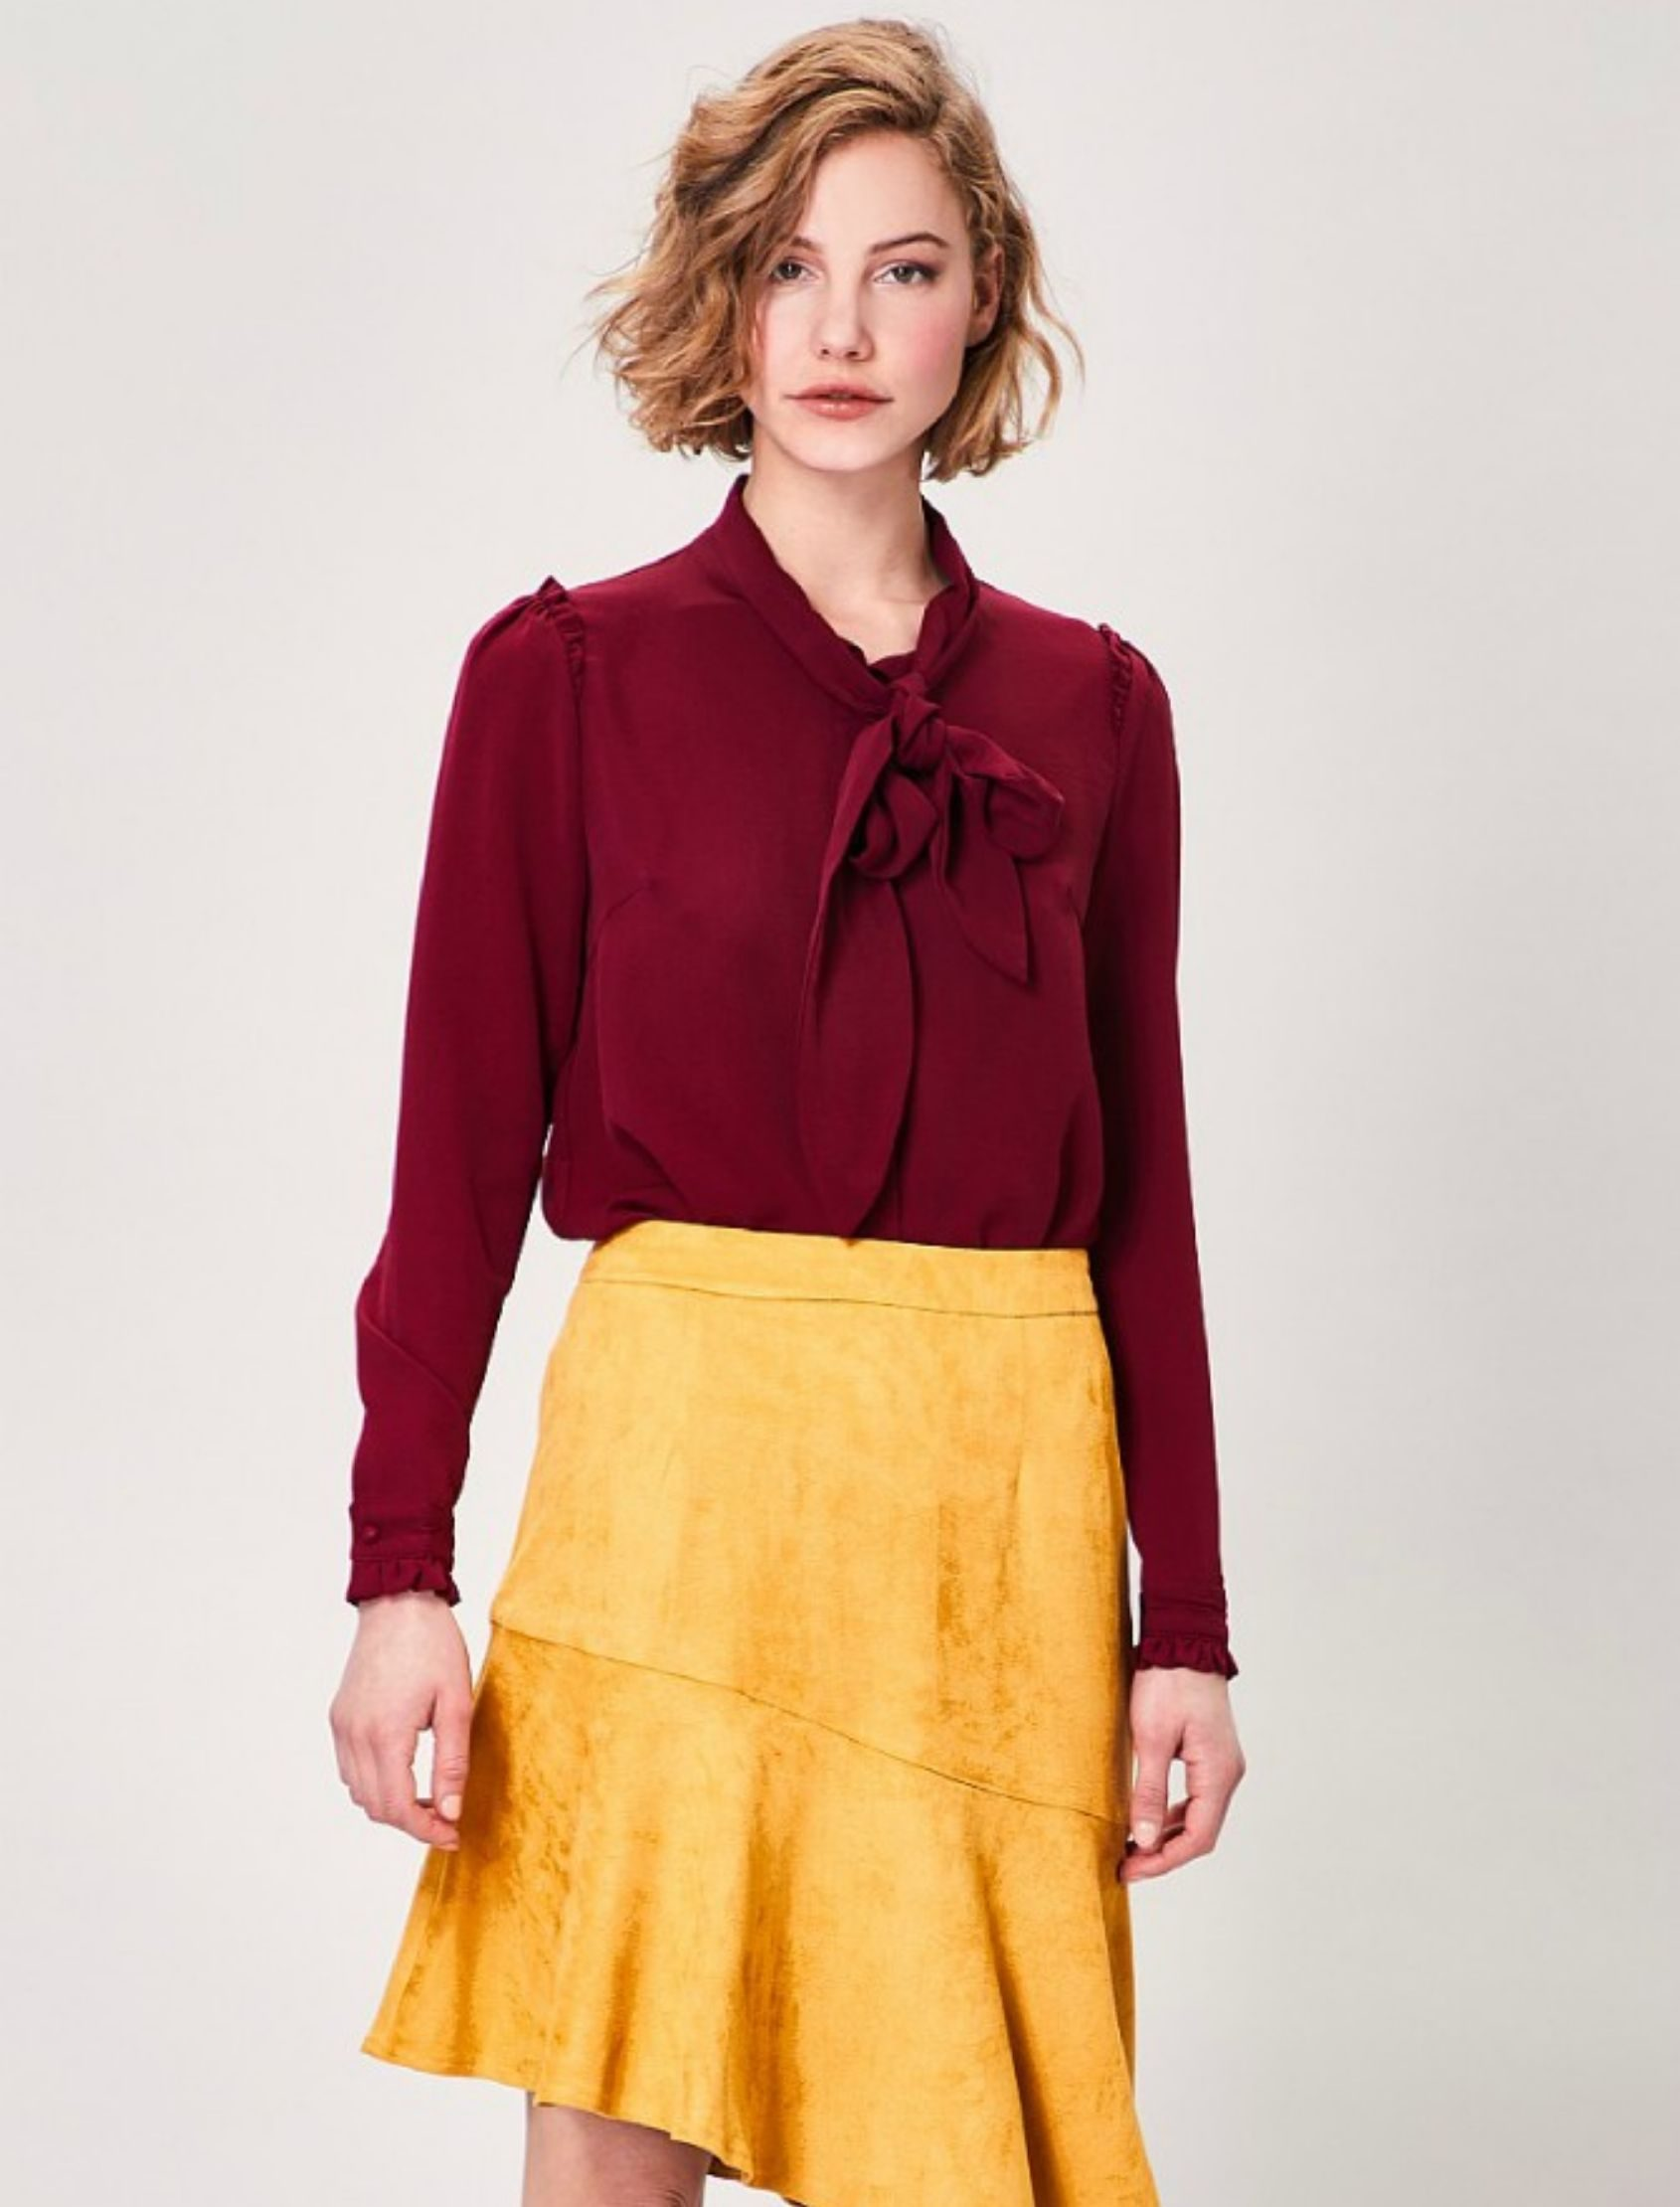 Blusa laila con lazada en el cuello de color burdeos de Angeleye